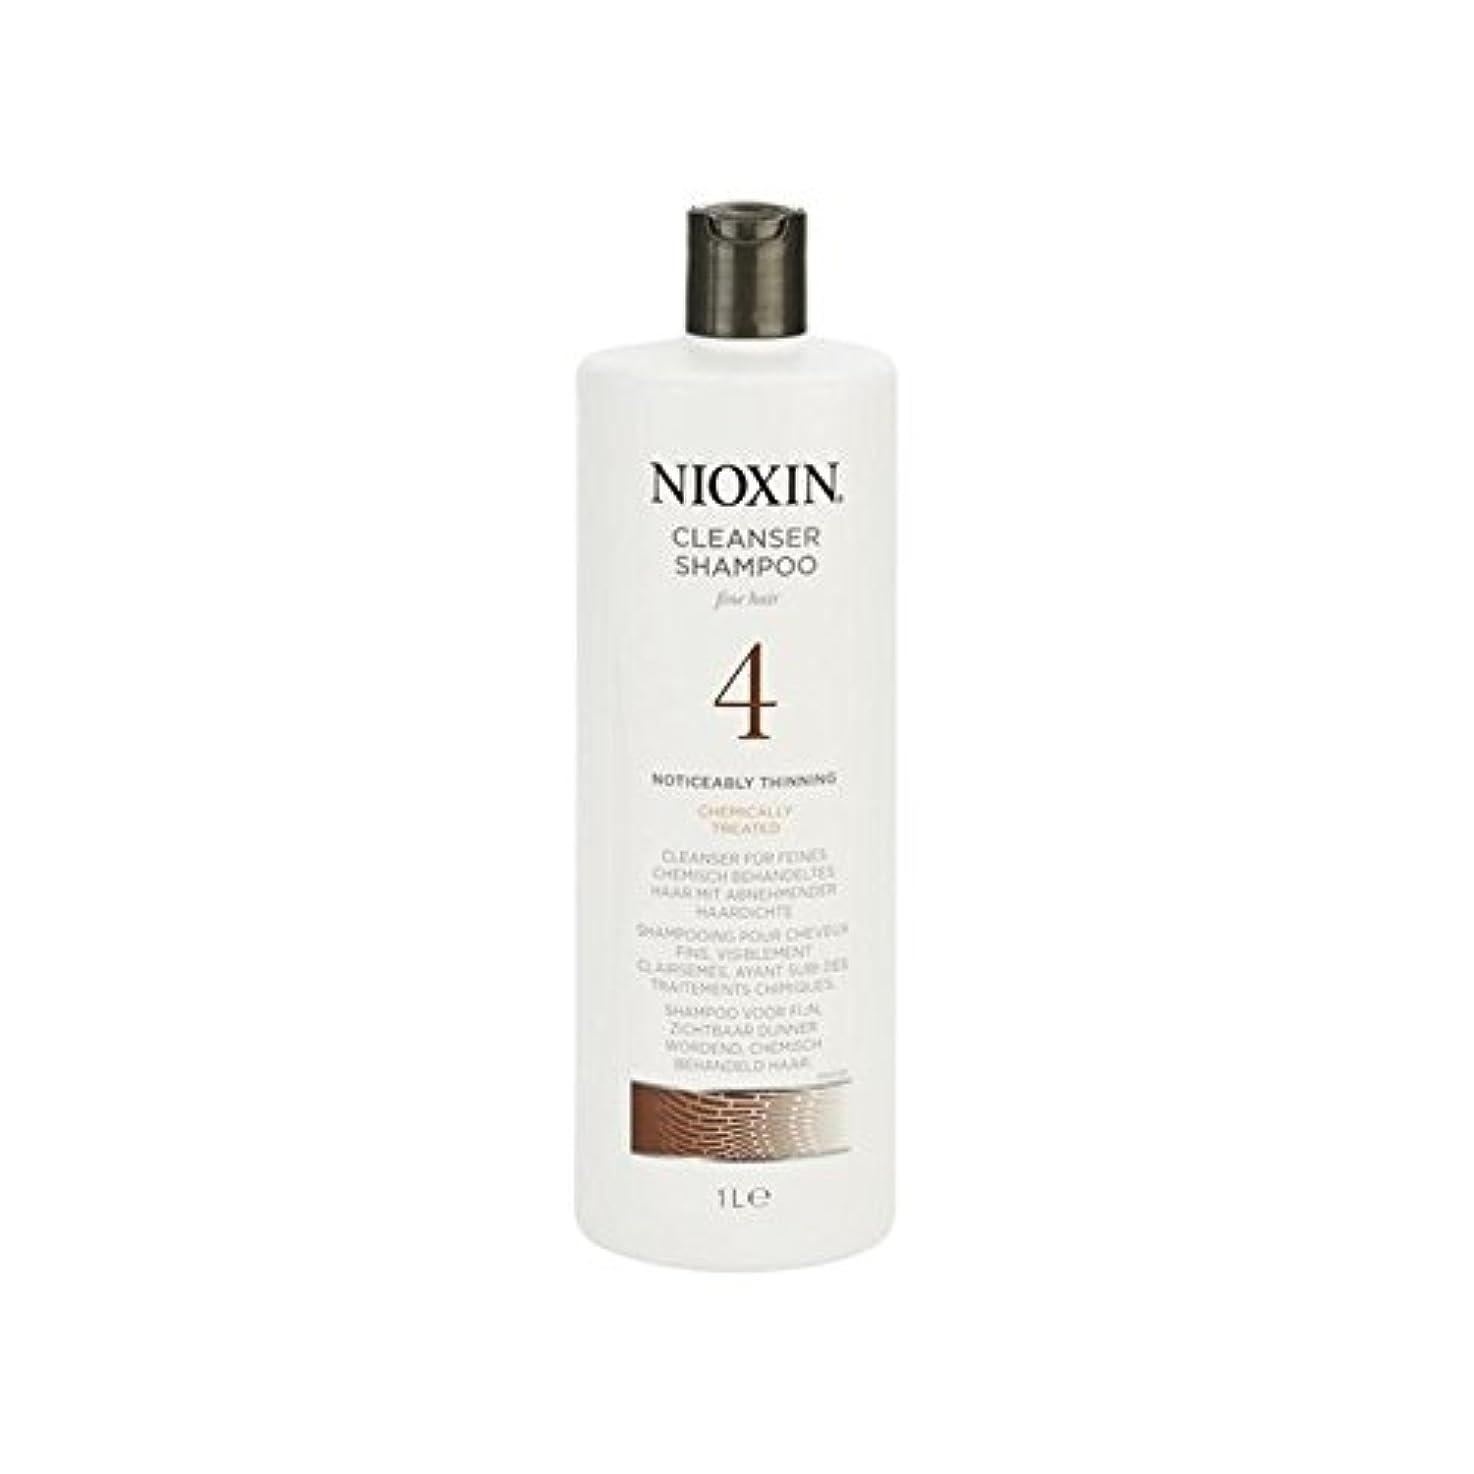 固有の中世の劇的罰金、著しく間伐、化学的に処理した毛髪の千ミリリットルのためのニオキシンシステム4クレンザーシャンプー x4 - Nioxin System 4 Cleanser Shampoo For Fine, Noticeably Thinning, Chemically Treated Hair 1000ml (Pack of 4) [並行輸入品]